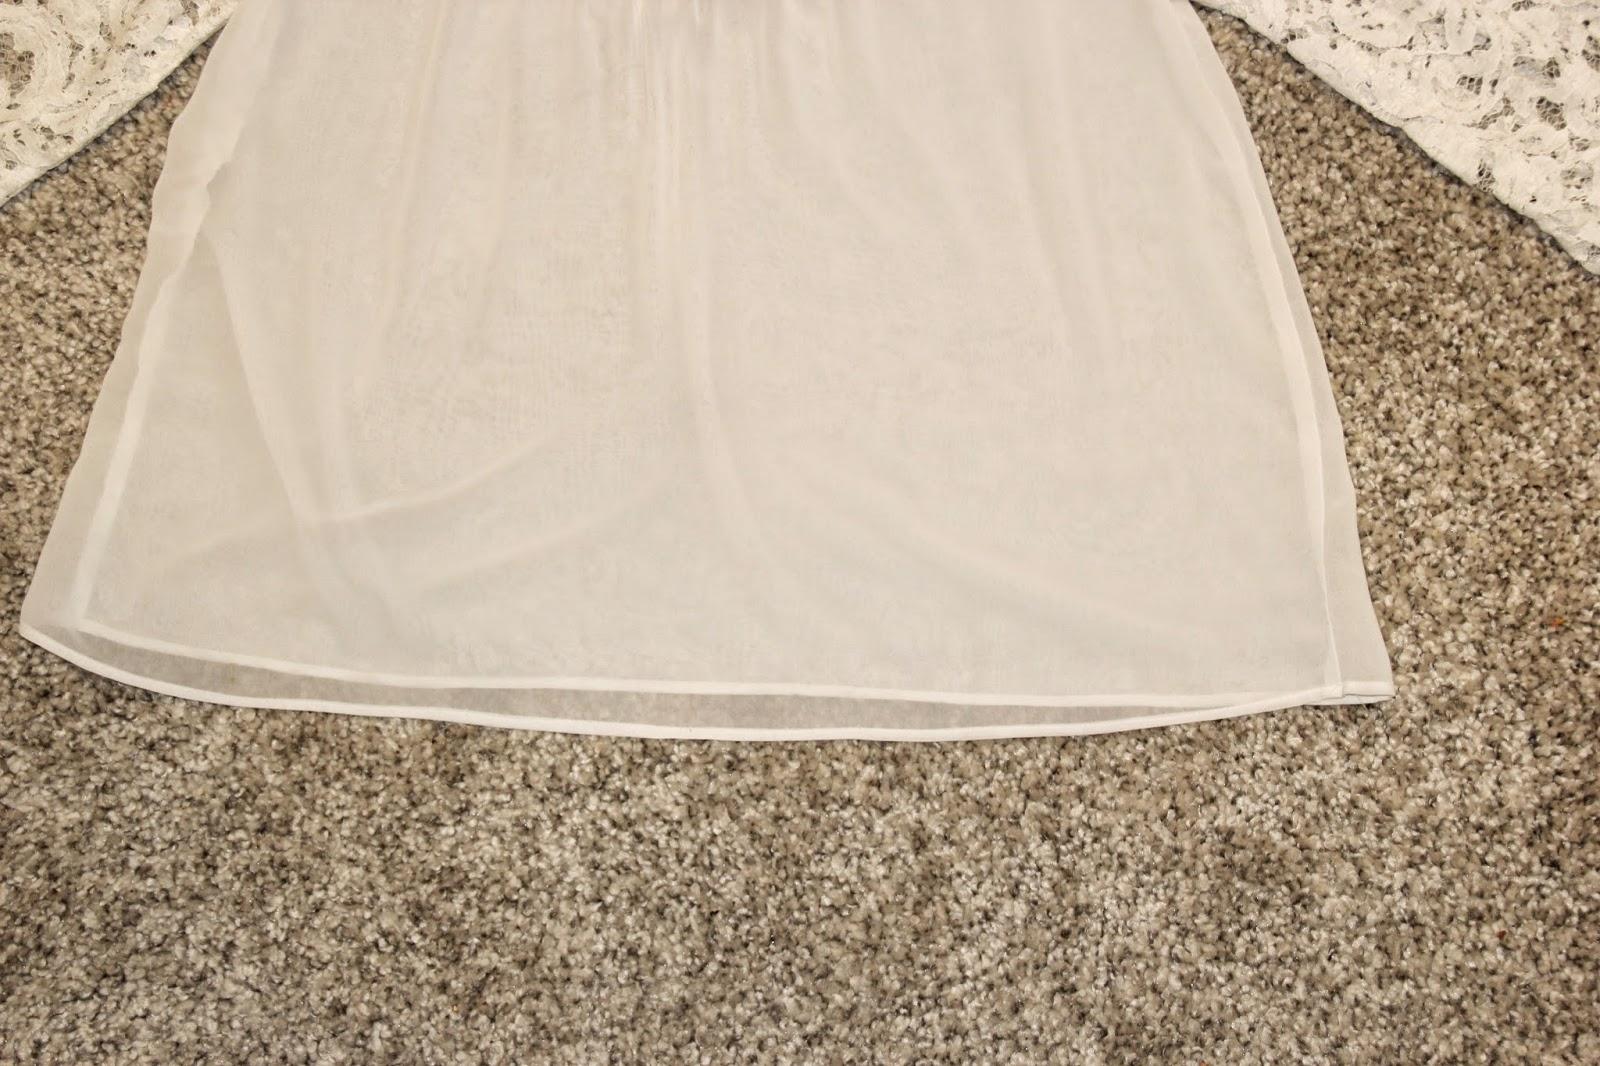 diy blusa de gasa y encaje (patrones gratis) - Handbox Craft Lovers ...